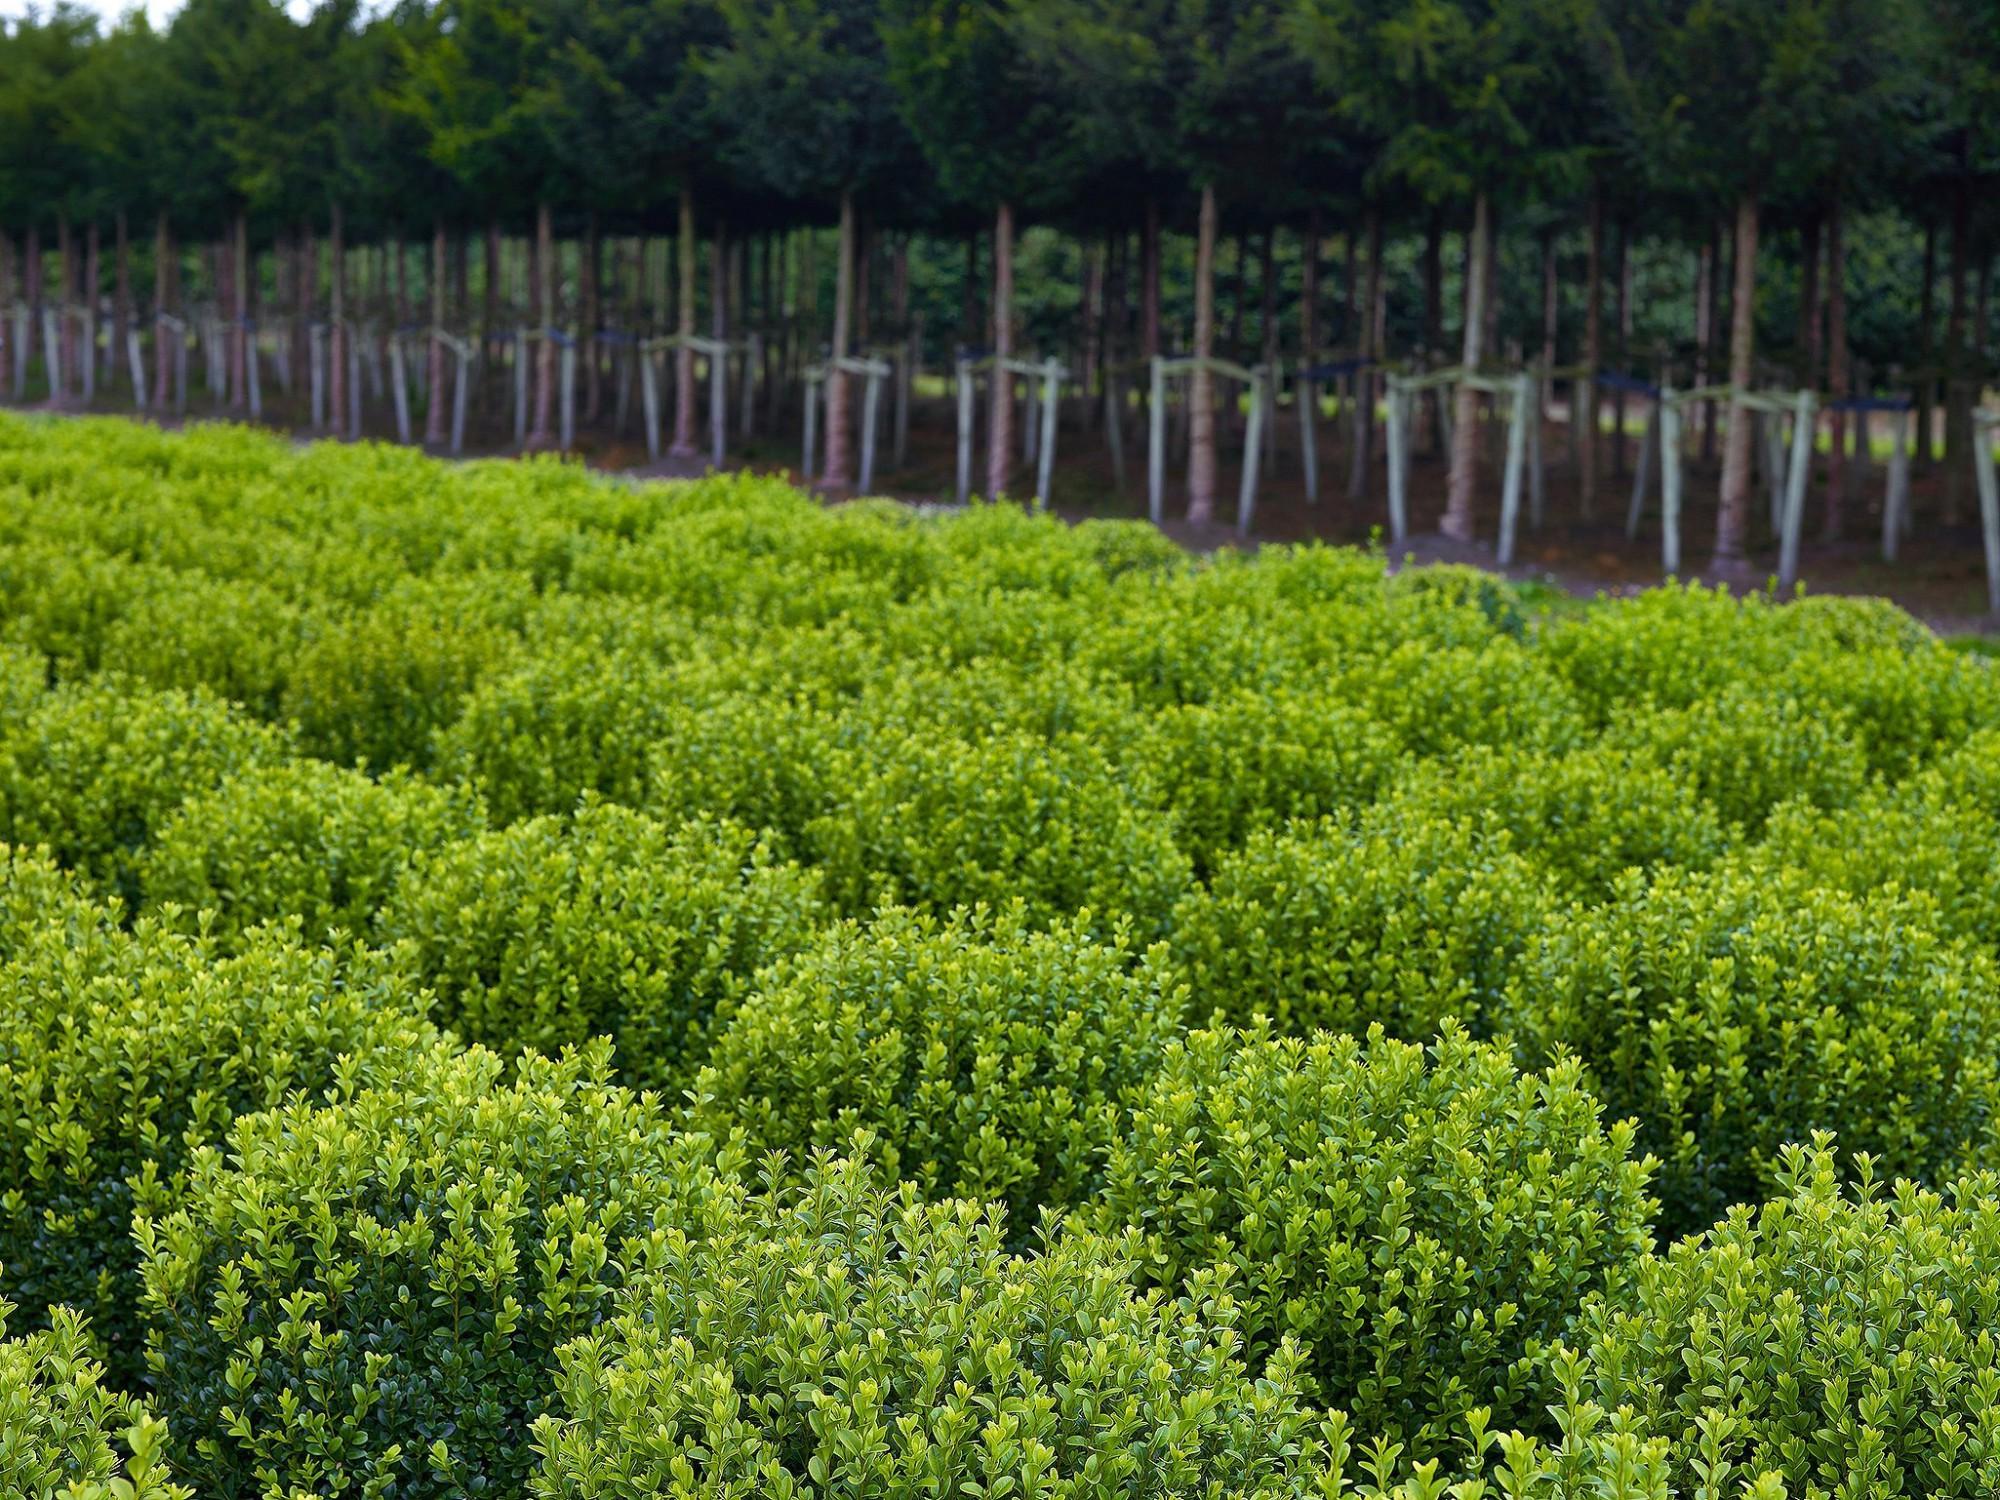 Afbeelding: Buxus en taxus op de plantenkwekerij, voor Solitair.